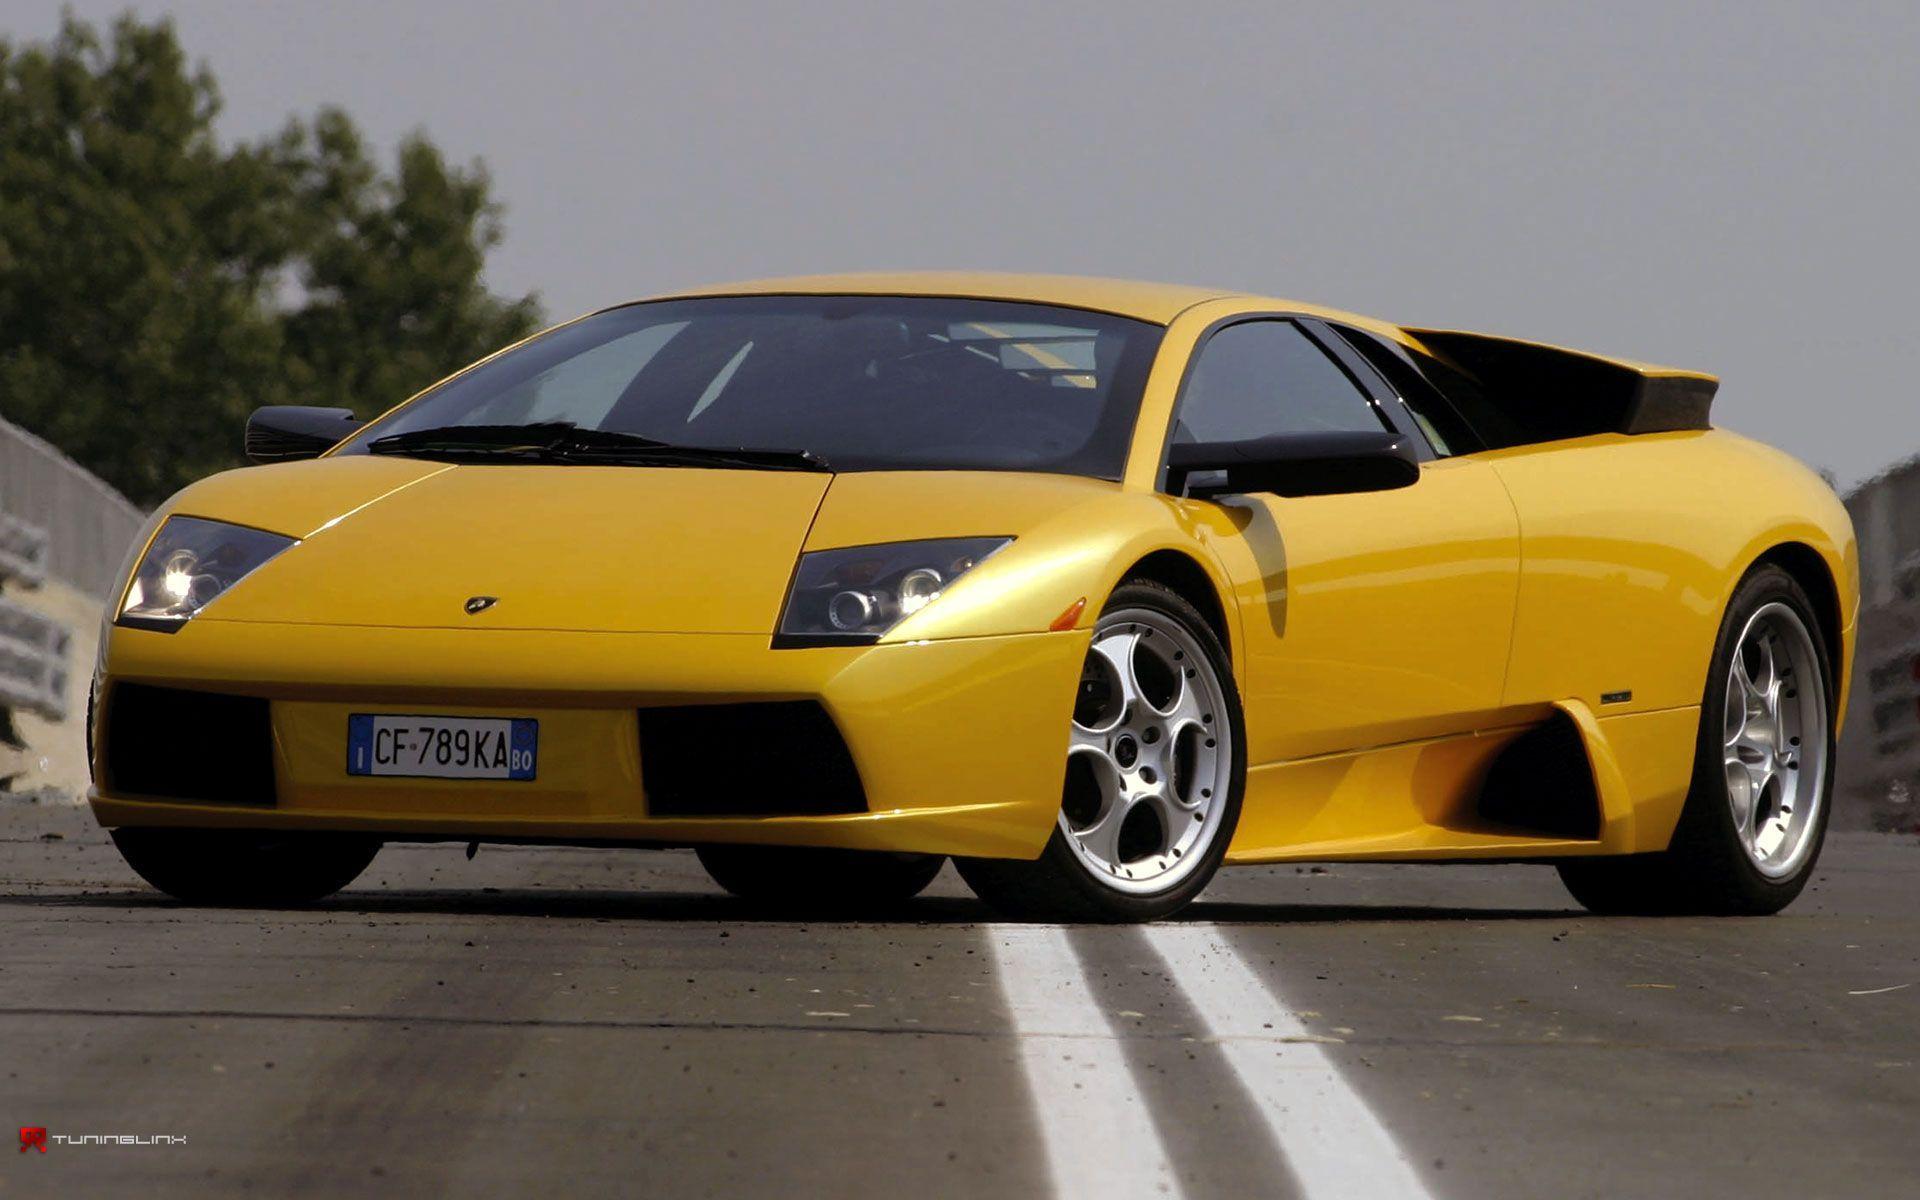 Lamborghini Car Wallpapers Hd Desktop And Mobile Backgrounds